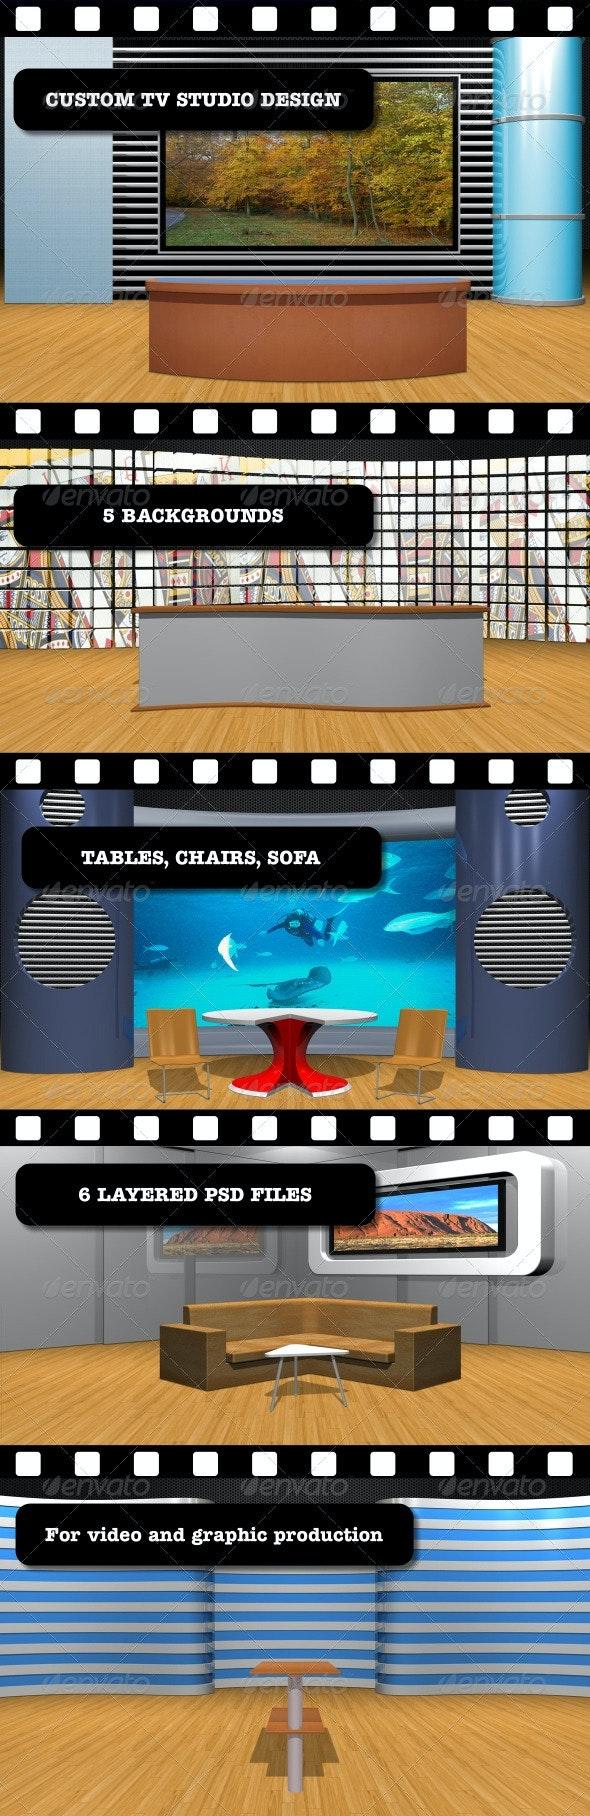 Custom TV Studio Design - 3D Renders Graphics